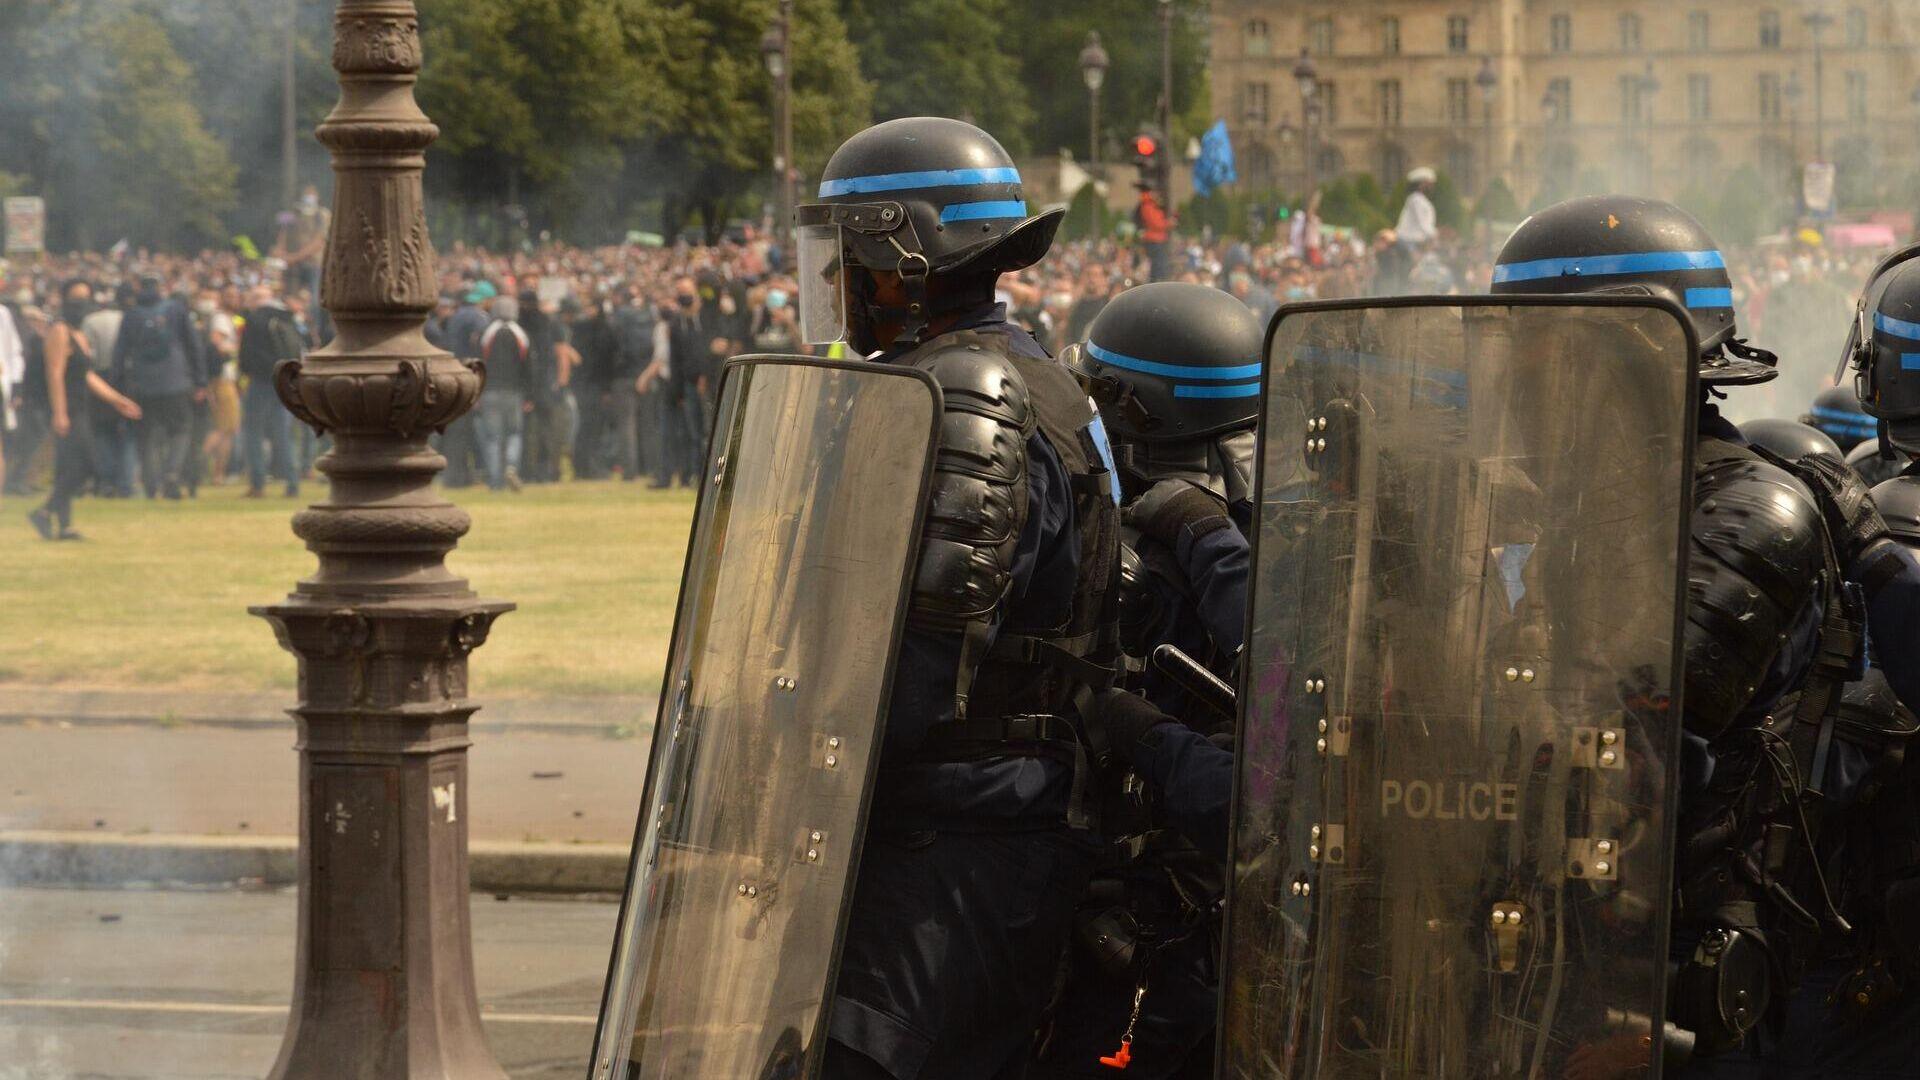 Polizei in Frankreich (Symbolbild) - SNA, 1920, 23.04.2021